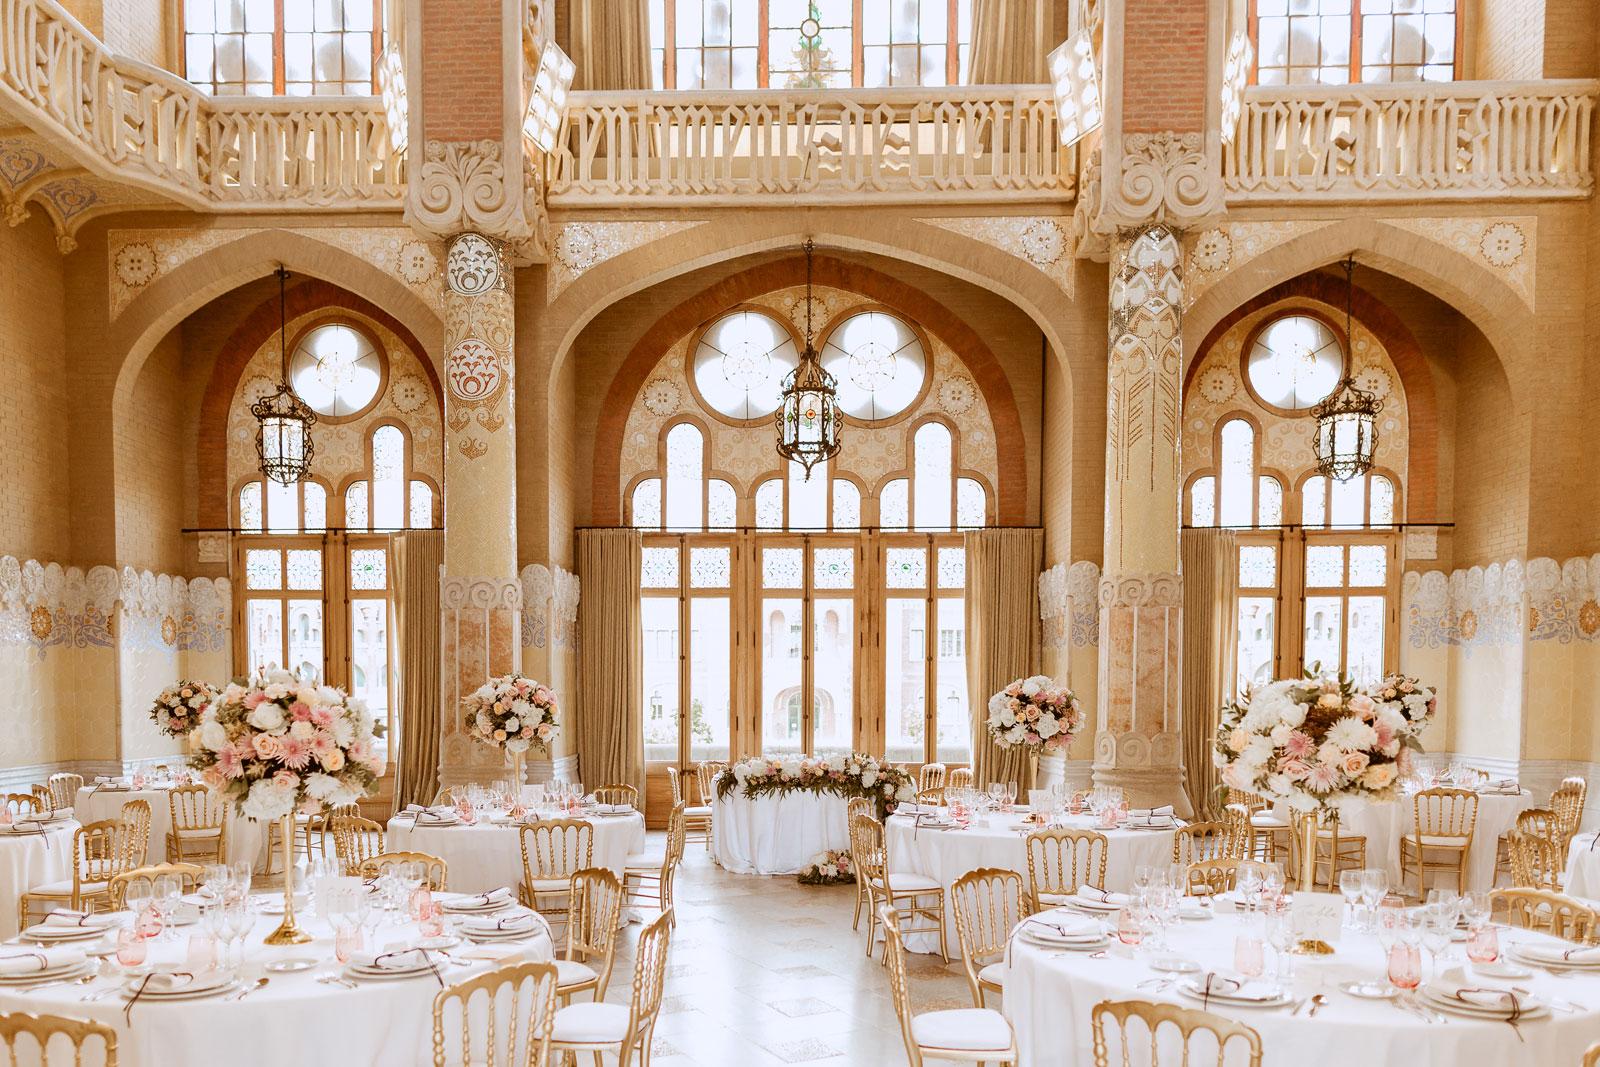 Trencadissa, estilismo y decoración floral para bodas y eventos en Barcelona